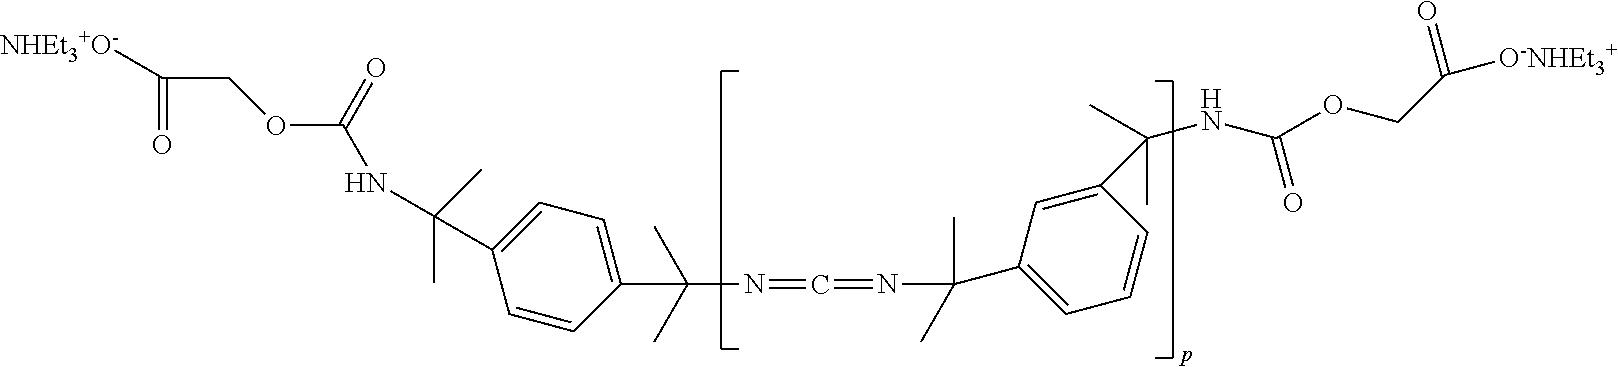 Figure US08076445-20111213-C00010